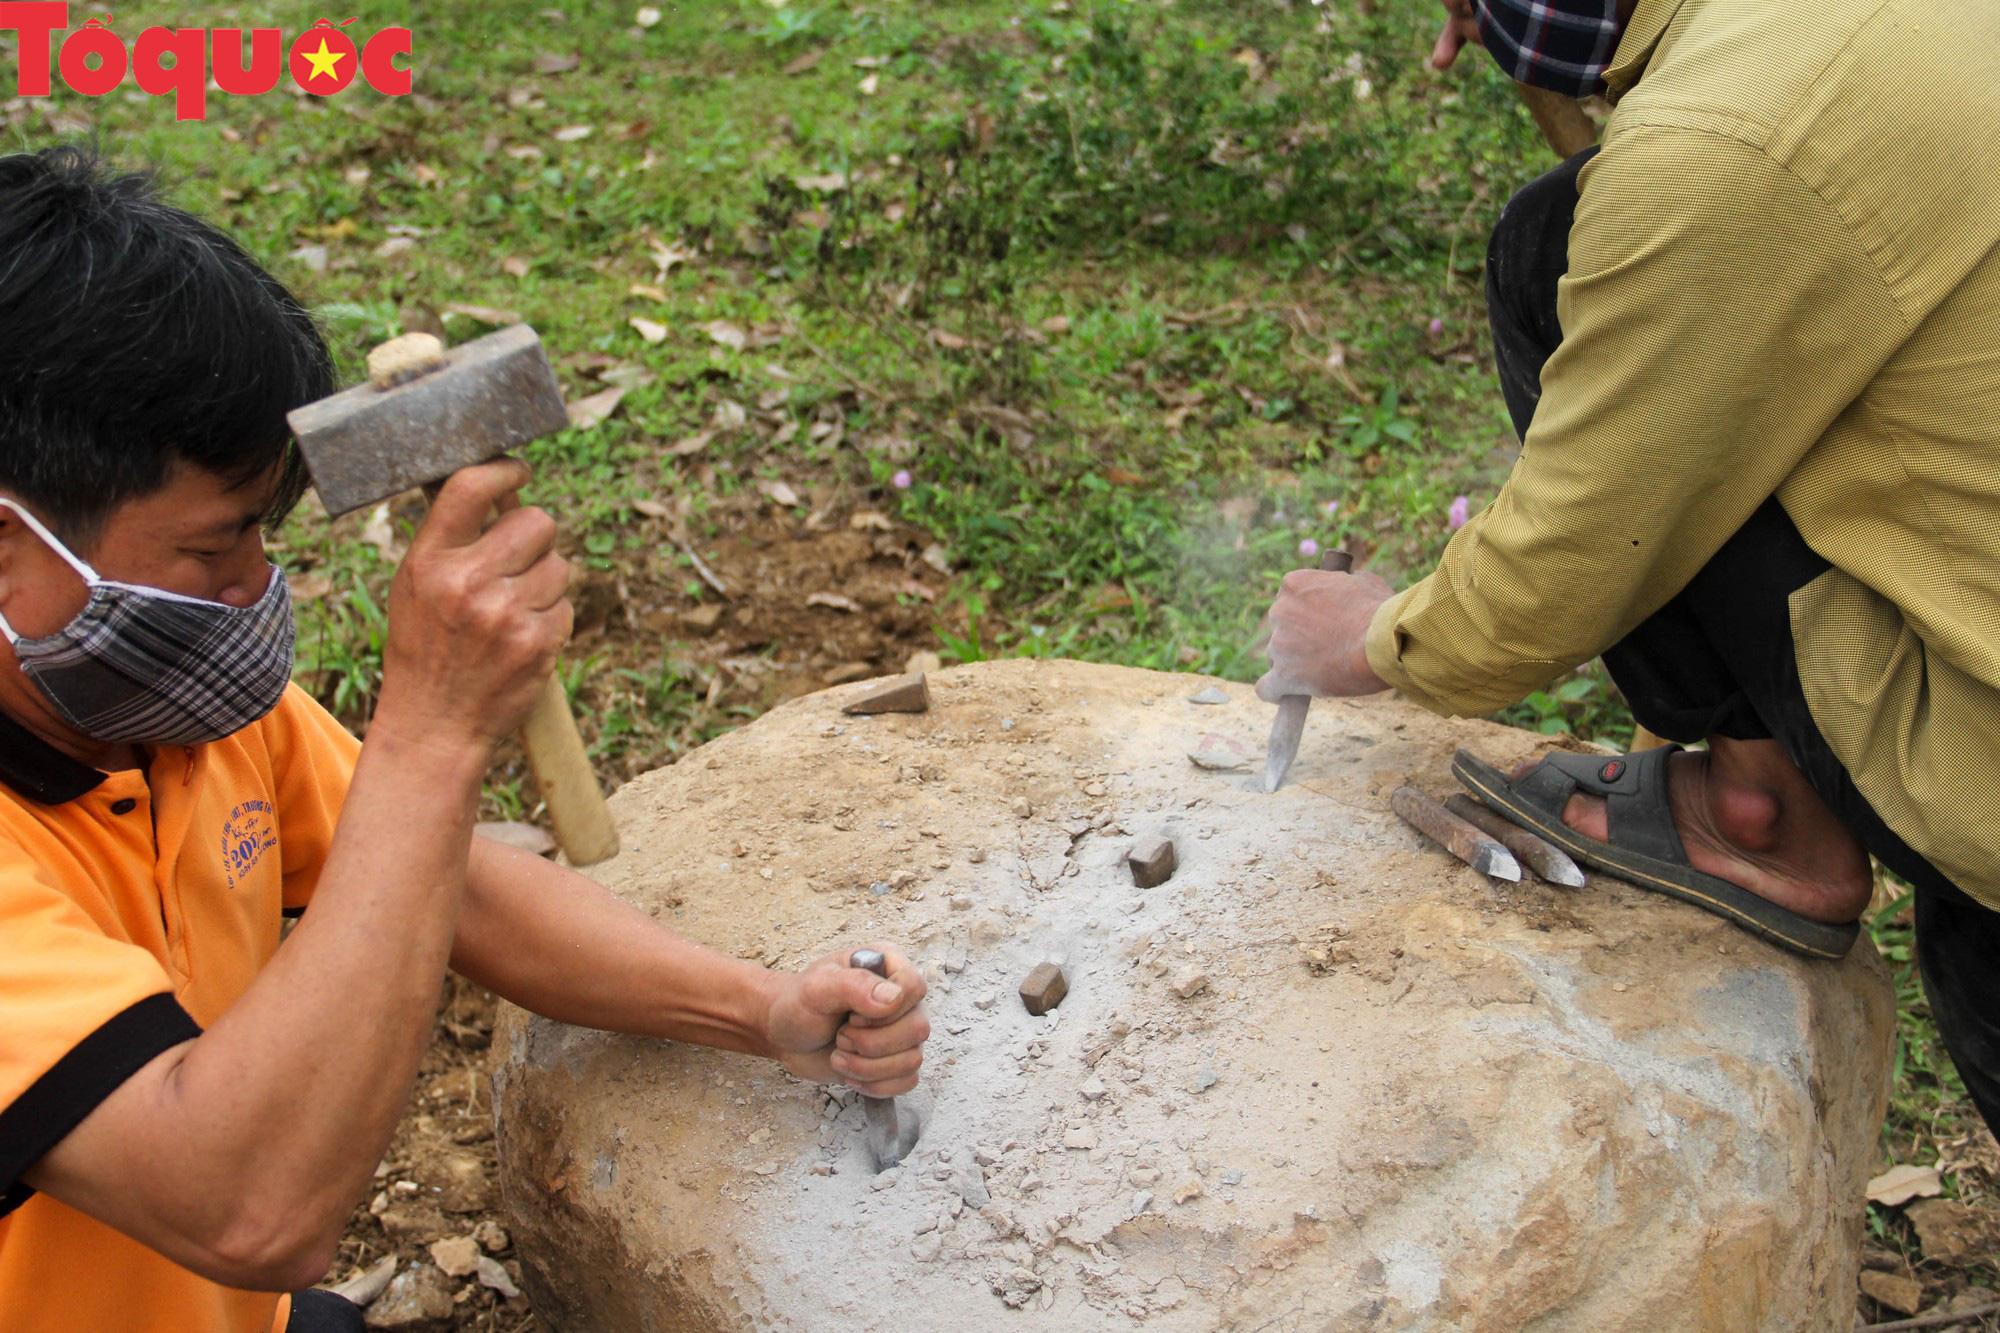 Độc đáo hội thi chẻ đá mồ côi ở Quảng Trị - Ảnh 7.